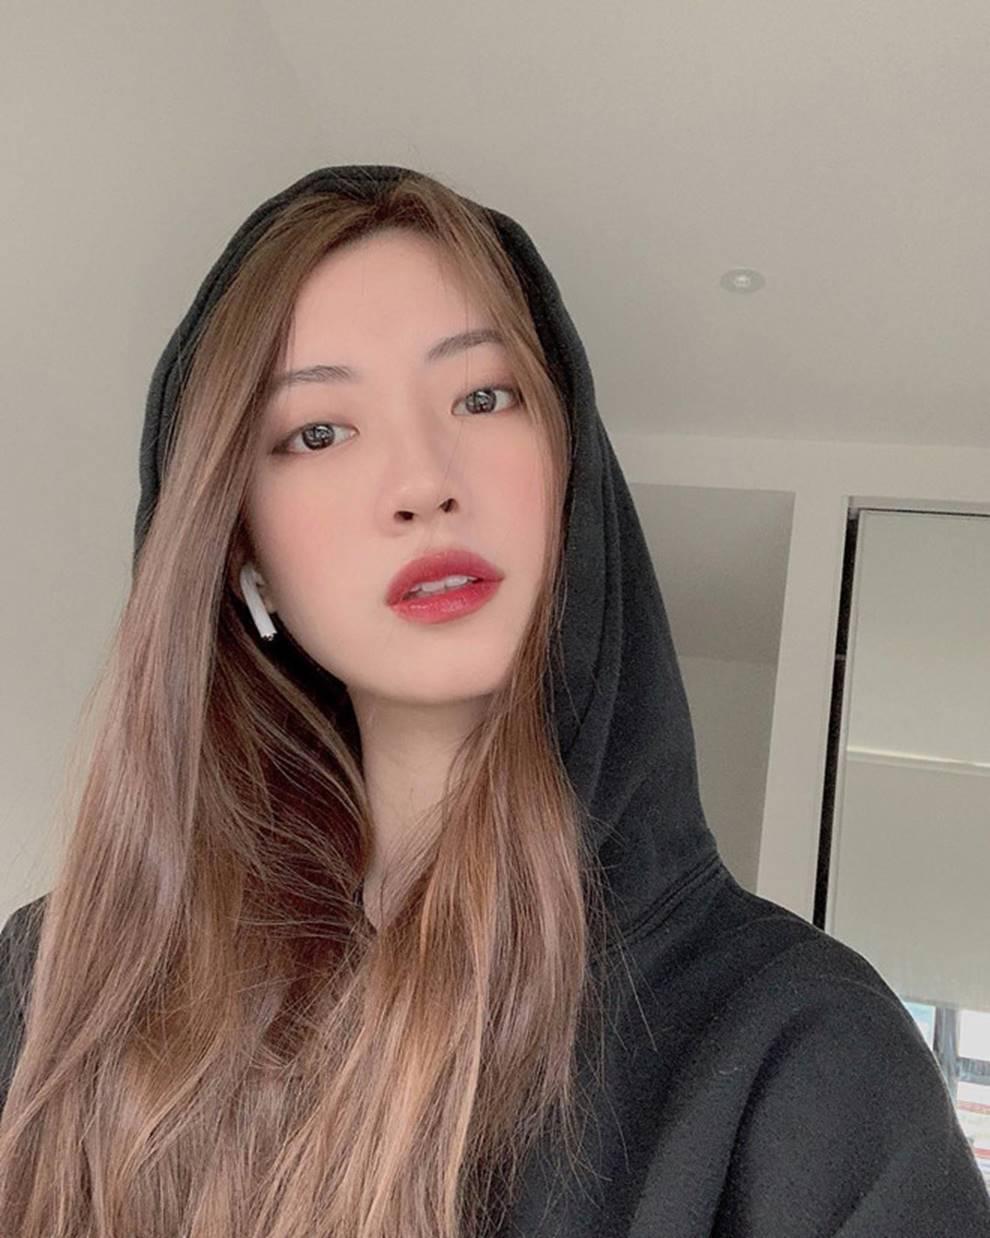 Nhan sắc nóng bỏng của bạn gái Rocker Nguyễn-1